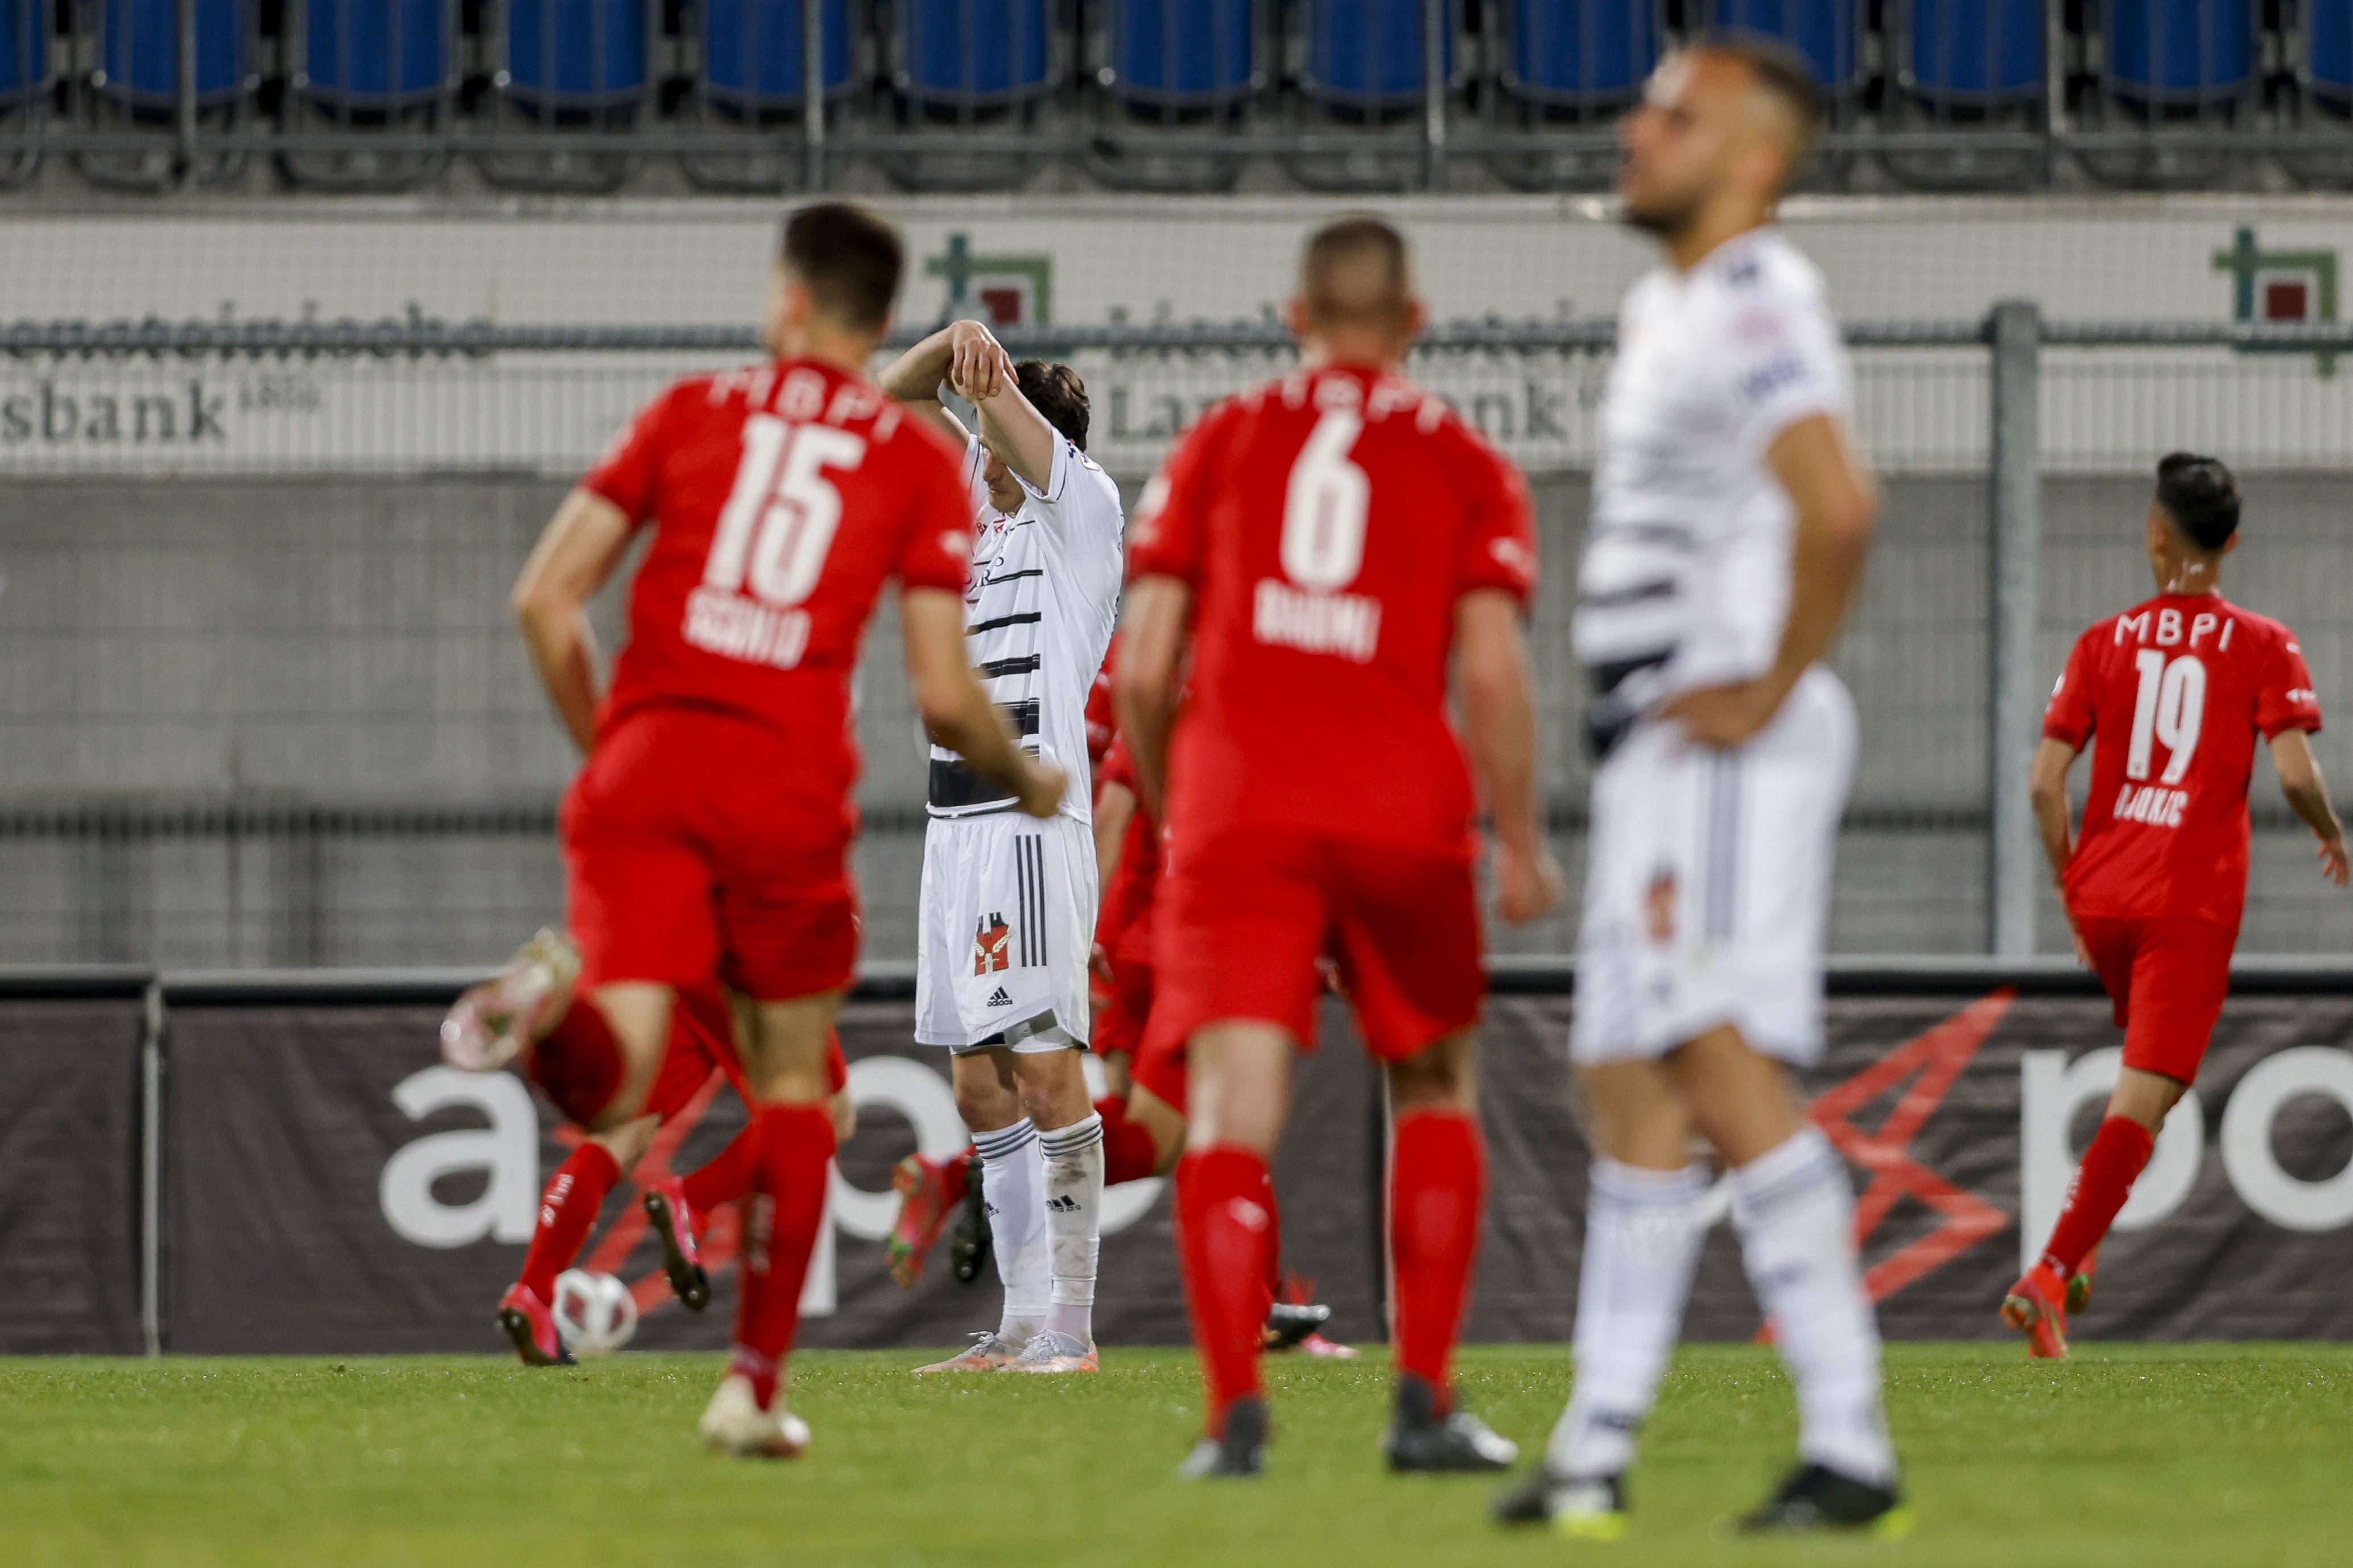 Basler Enttäuschung und Vaduzer Freude: Das Heimteam gleicht zum 1:1 aus.